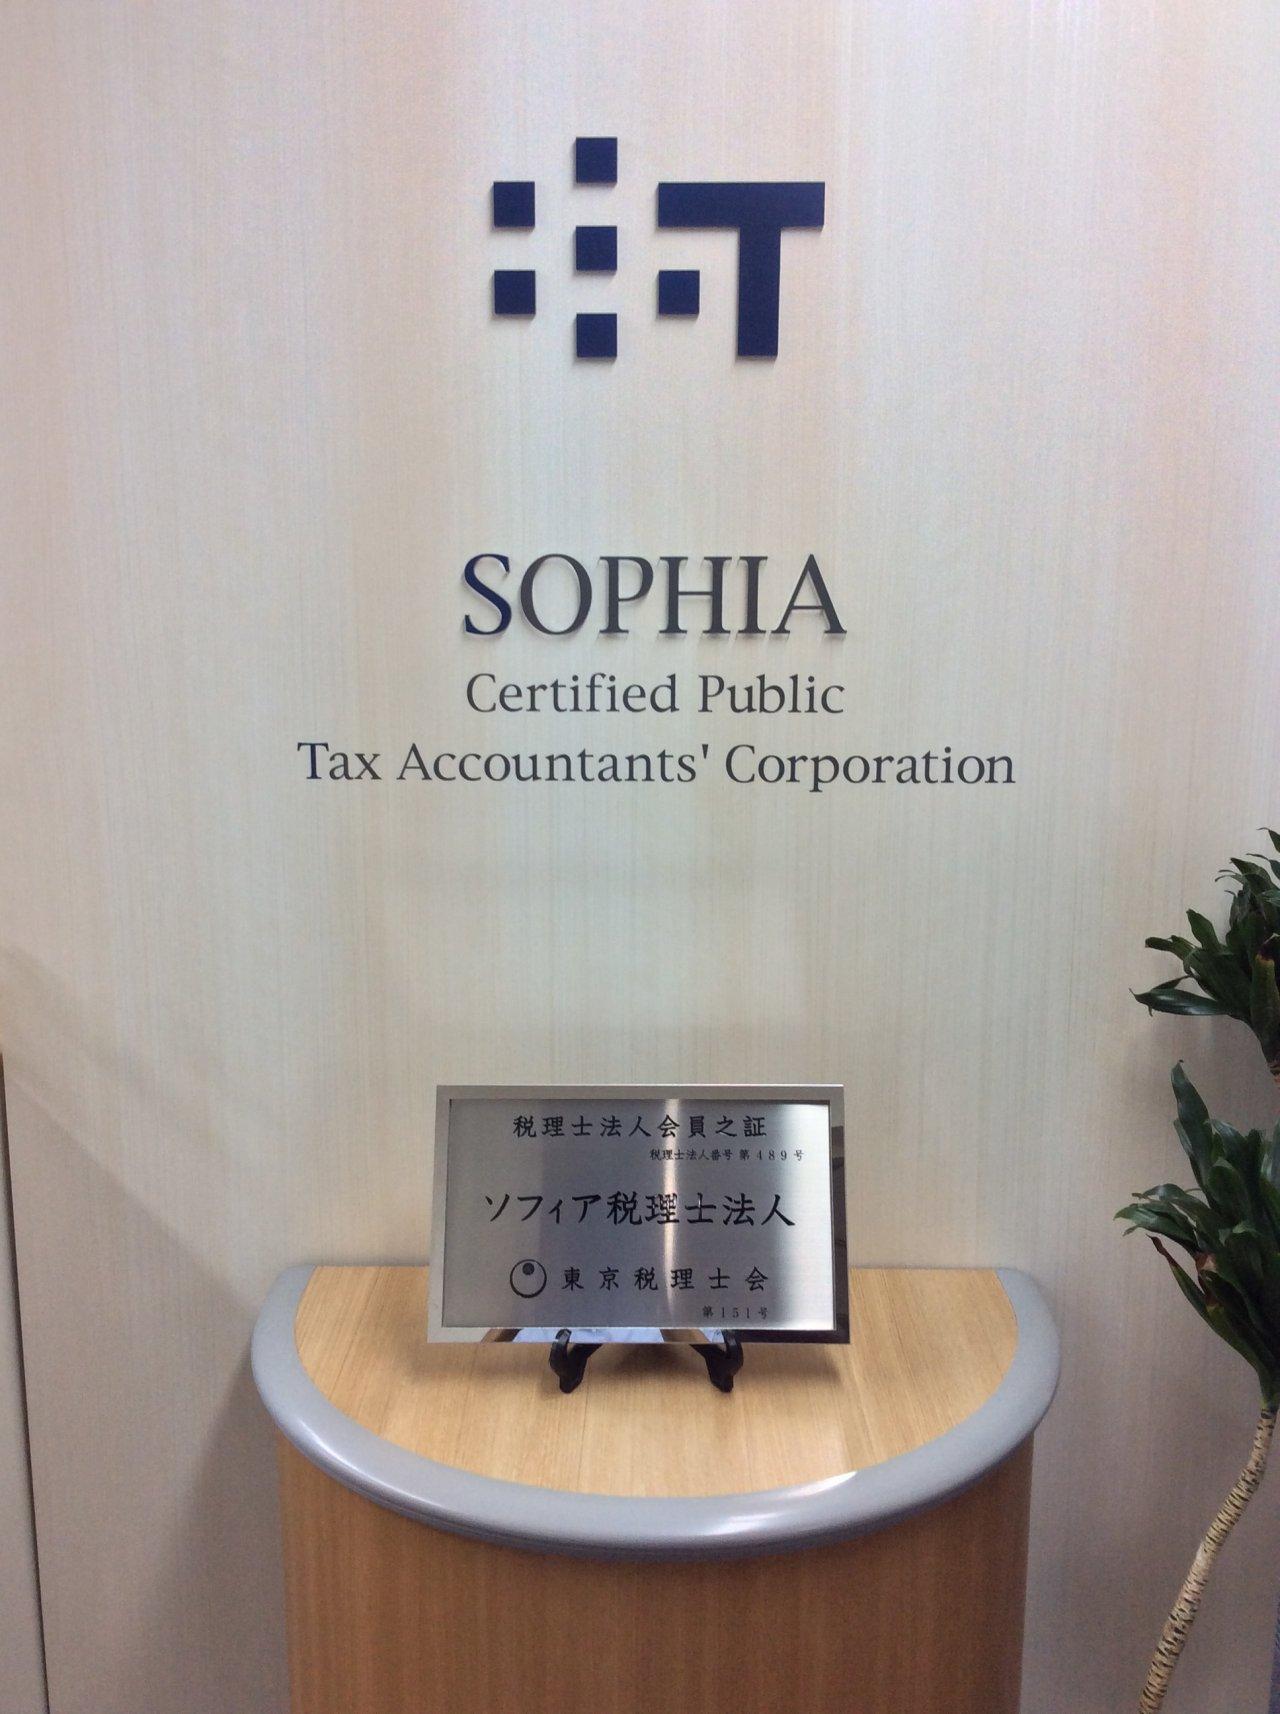 ソフィア税理士法人